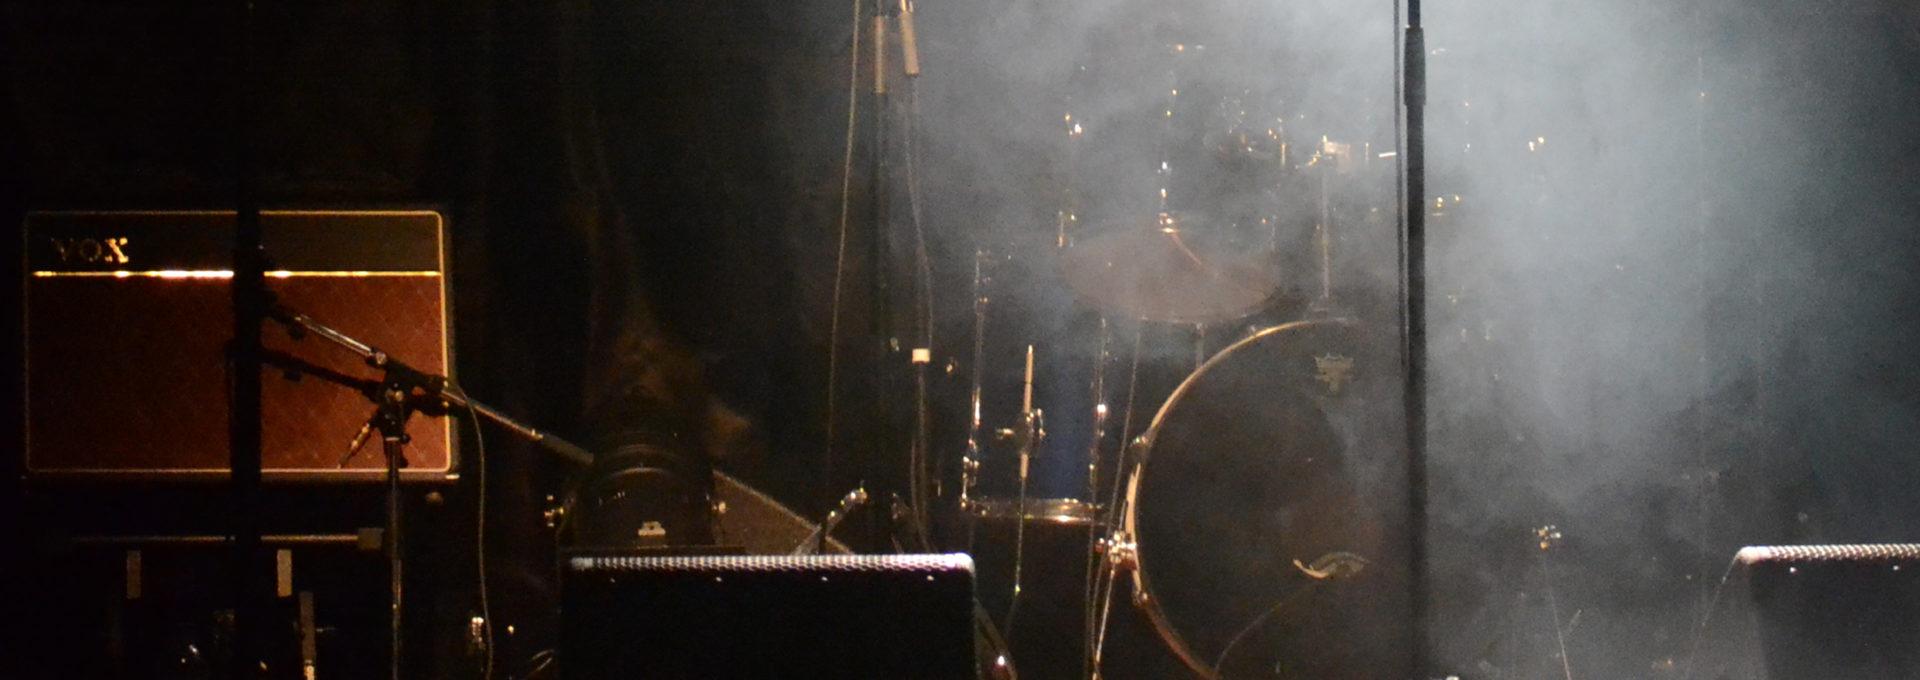 SKRUOP - Scenen er klar til dig og dit band